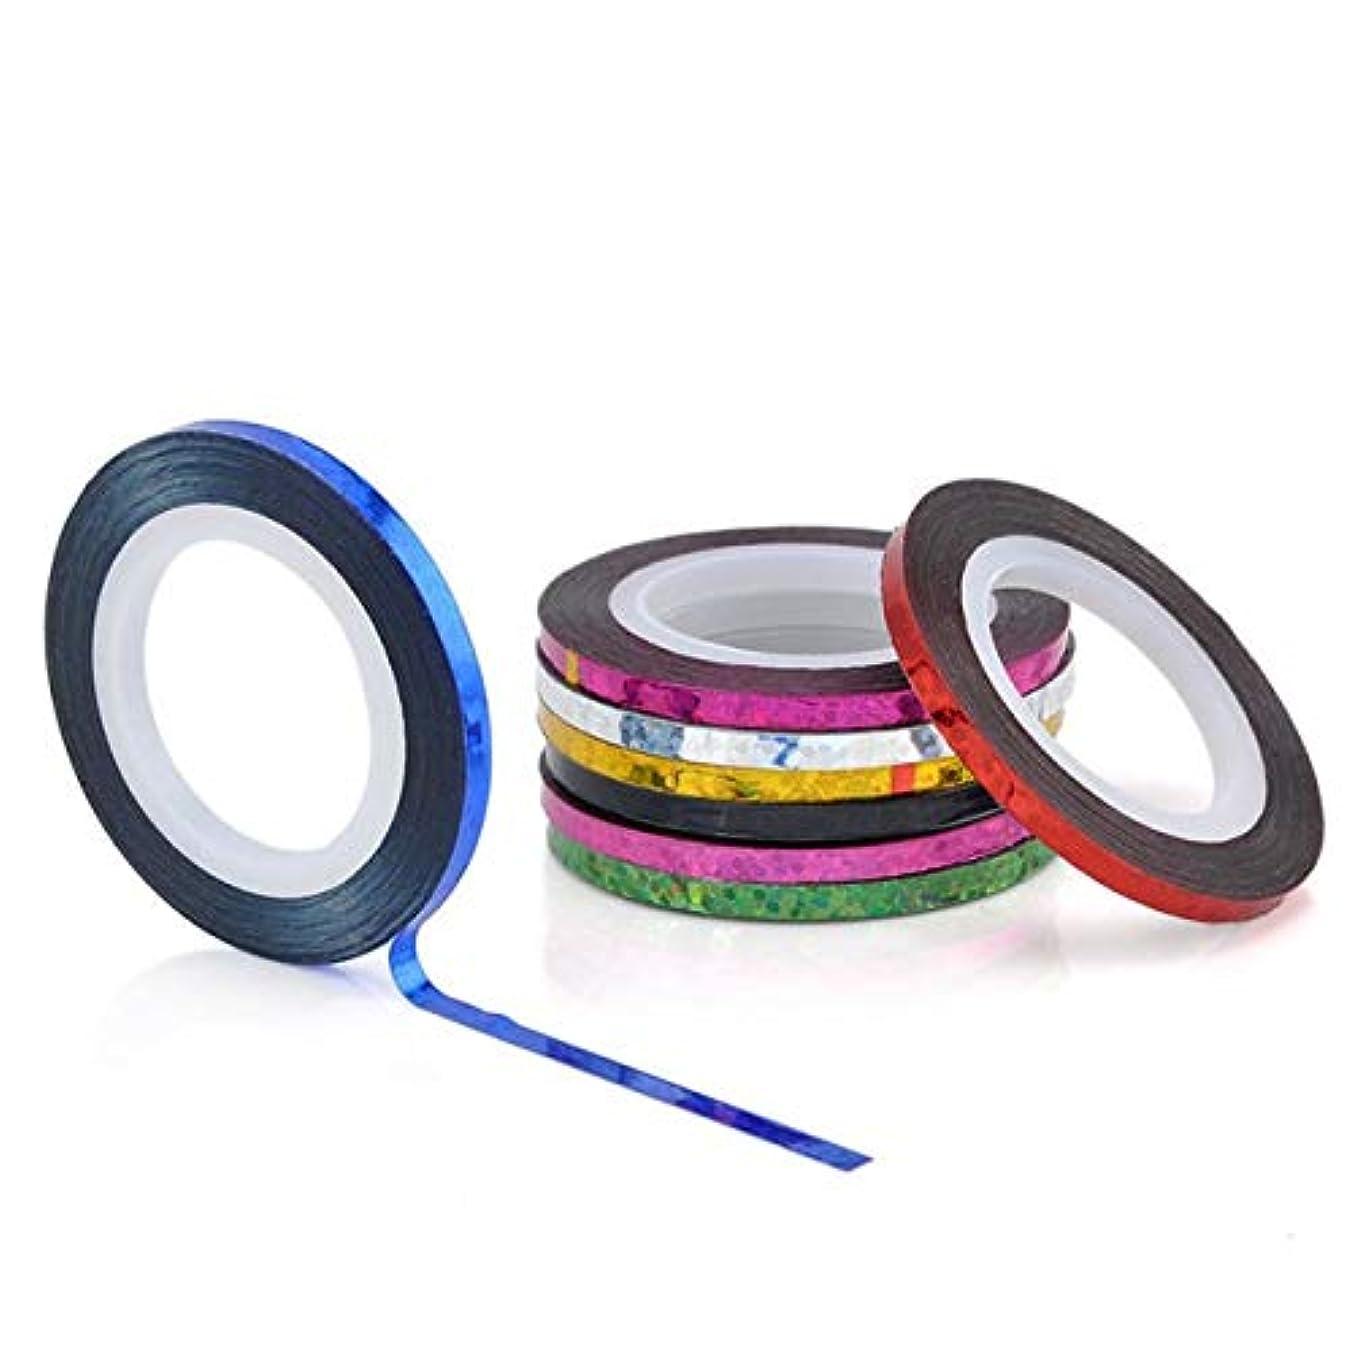 複数前方へ魅力的サリーの店 ネイルジュエリーステッカーを使用してネイルテープステッカー(None 8 color random 2mm)